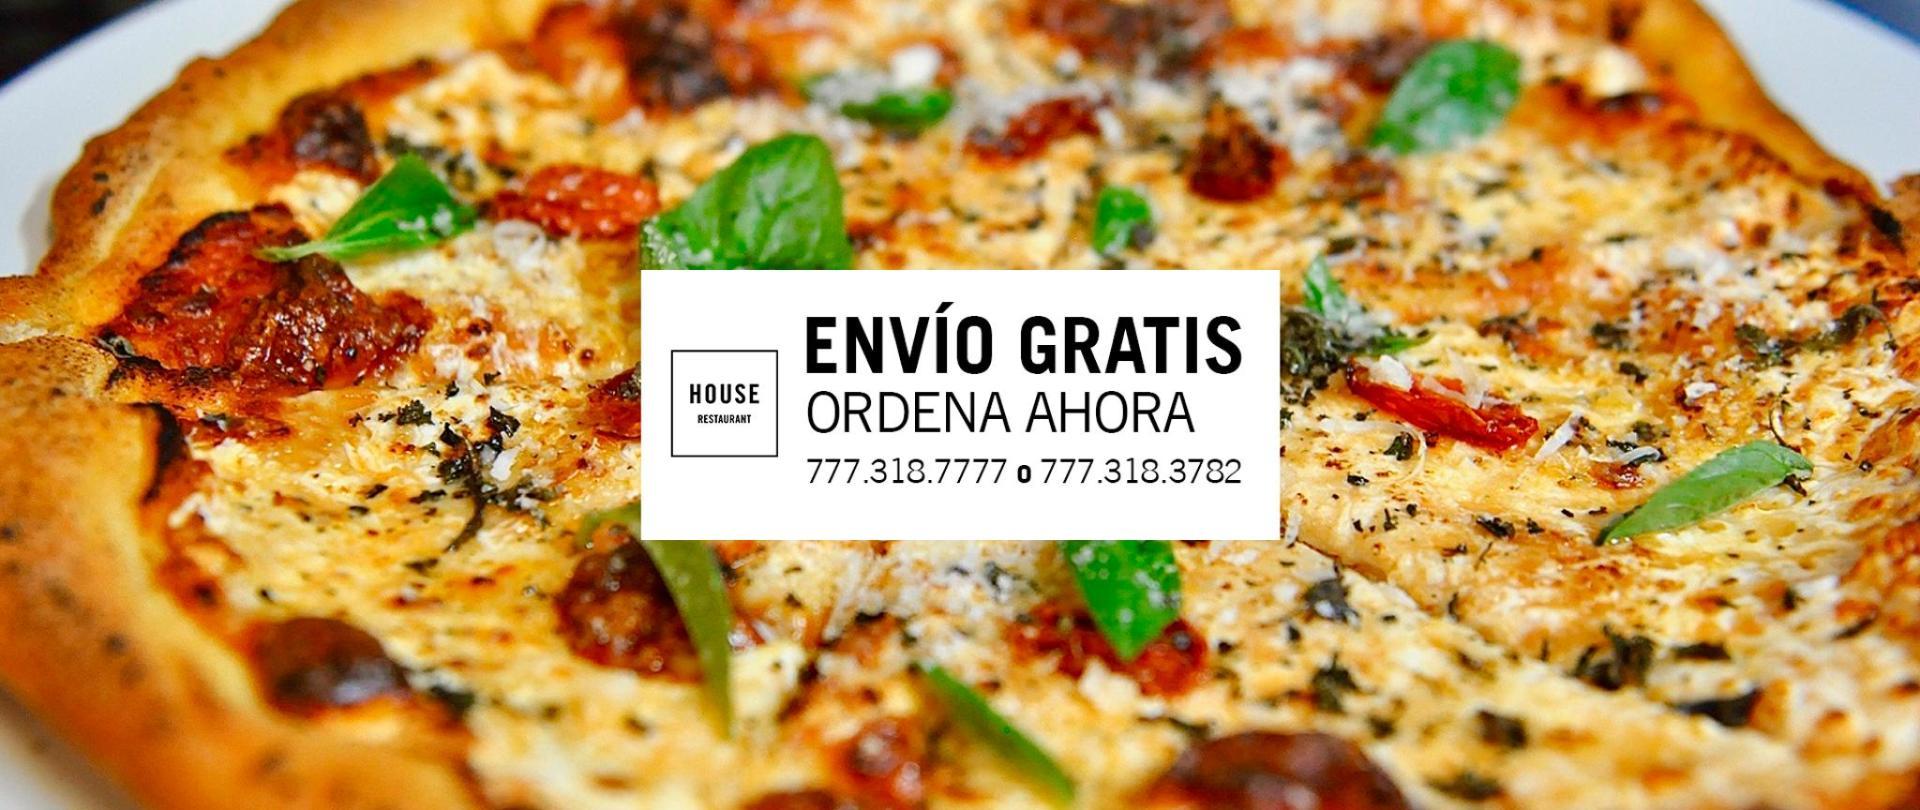 Comida para llevar con envio gratis en Cuernavaca, HOUSE Restaurante (1).png